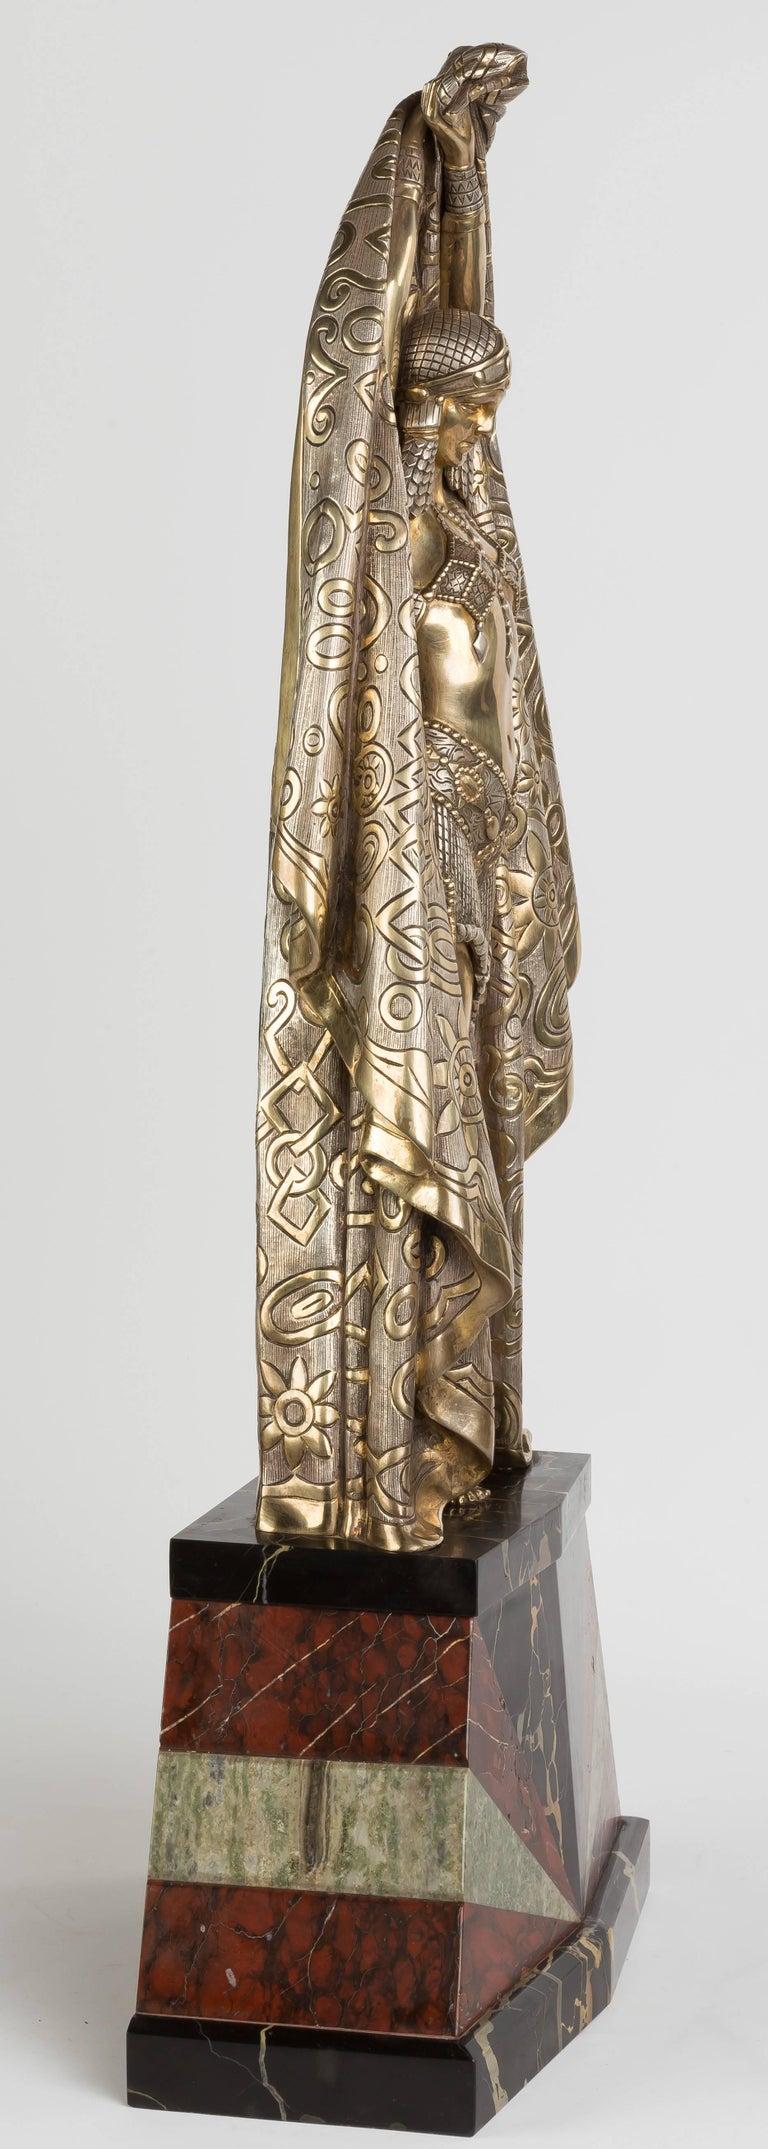 French Demetre Chiparus Art Deco Bronze Sculpture